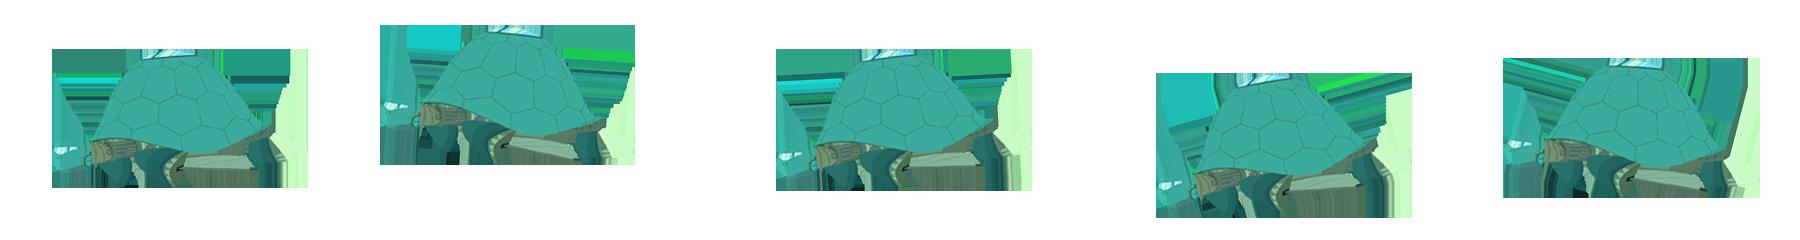 Juego Kratts salvaje: Animal Match en línea. Juega gratis